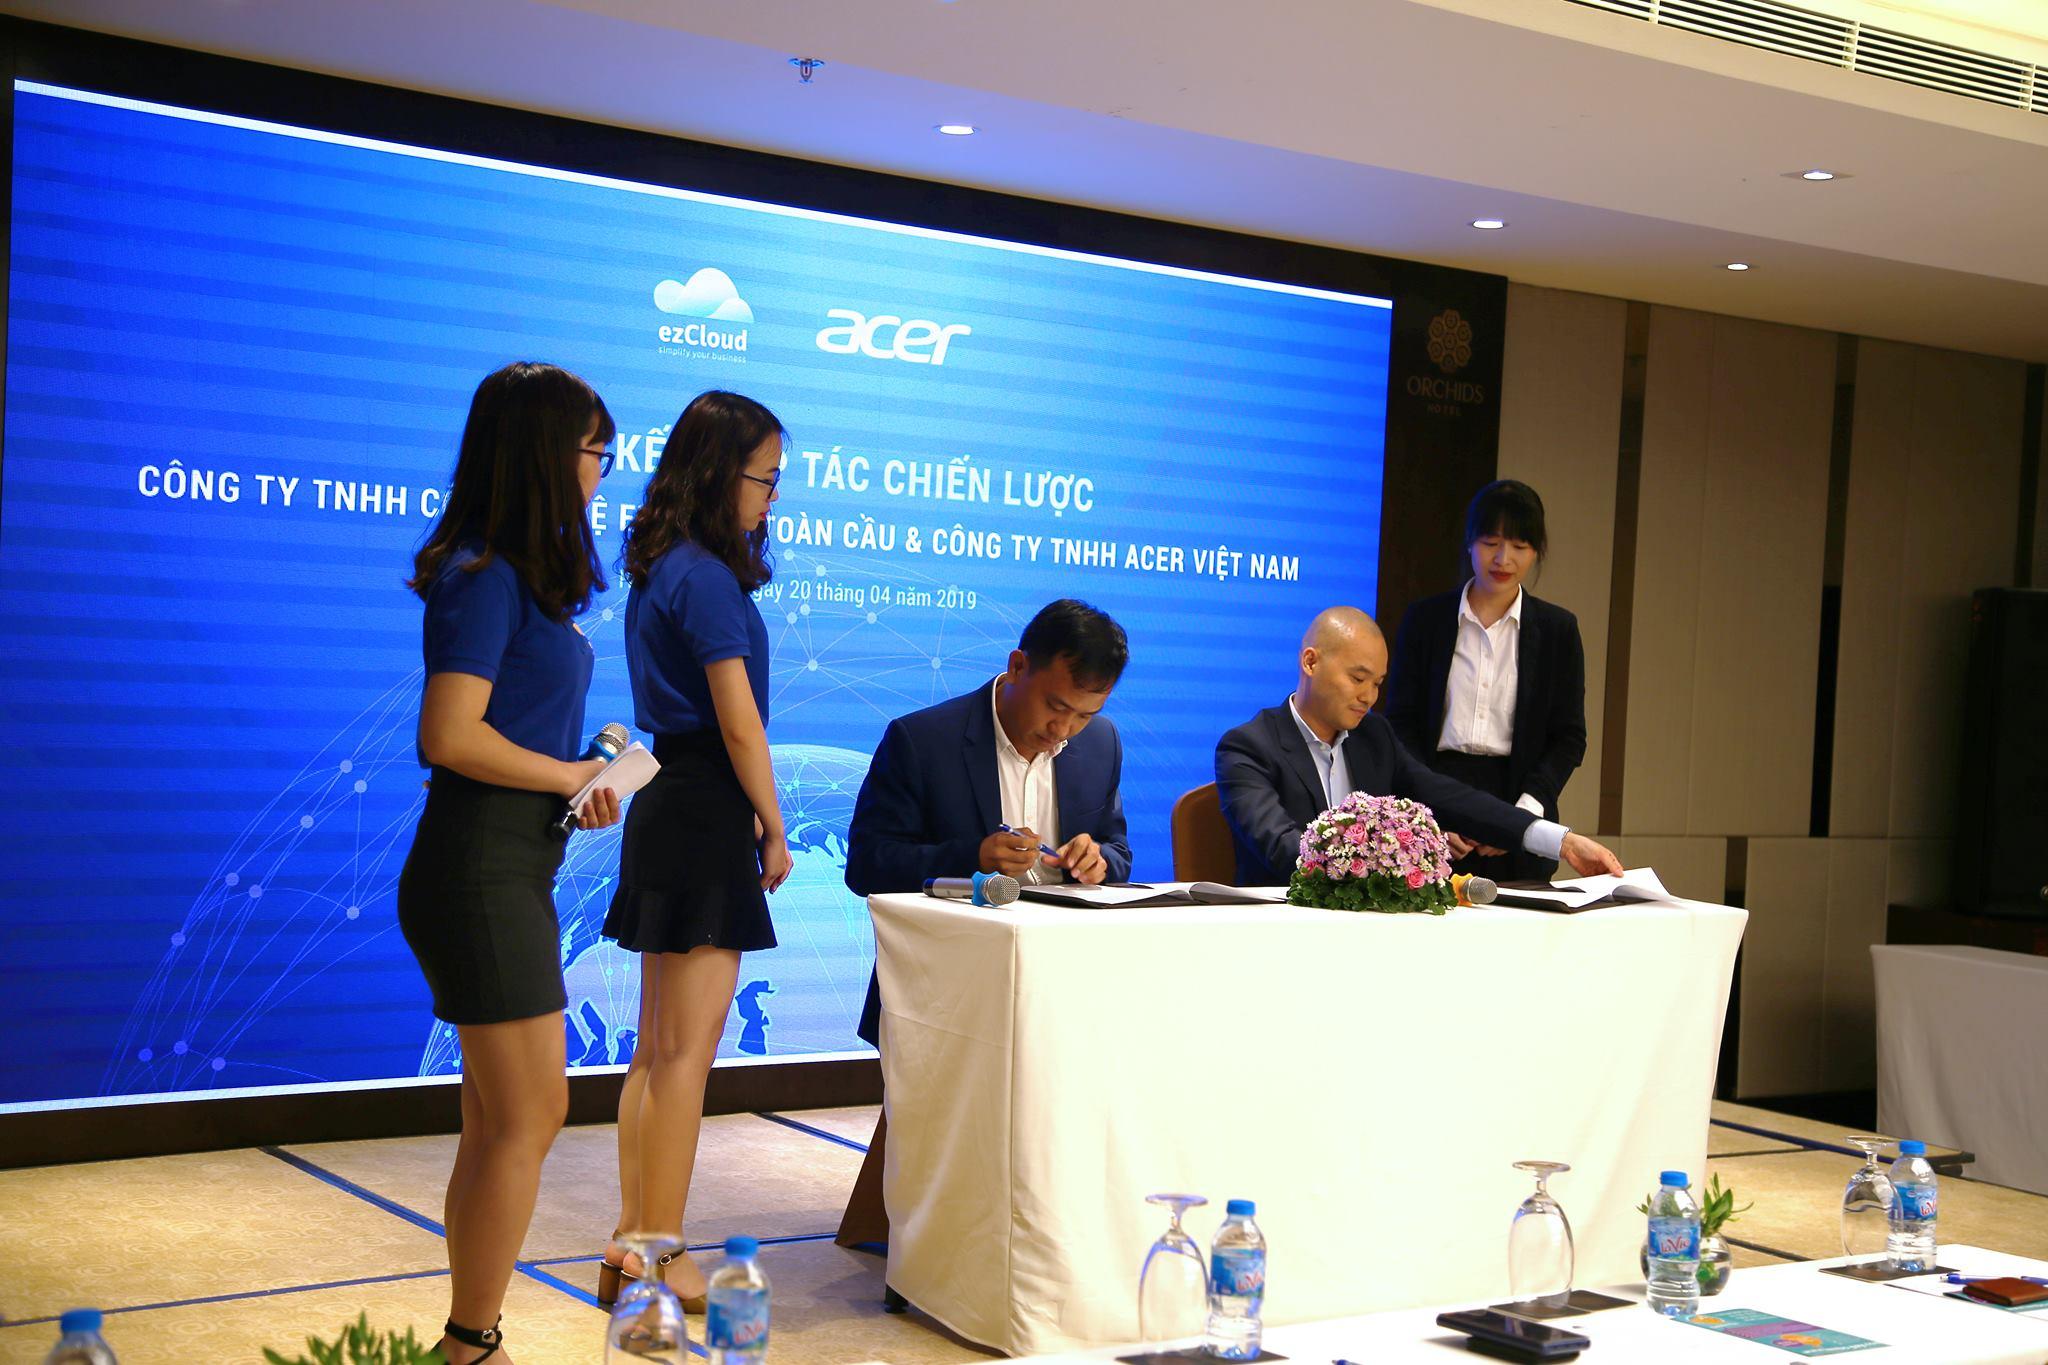 ezCloud hợp tác cùng Acer triển khai chương trình khuyến mãi siêu ưu đãi